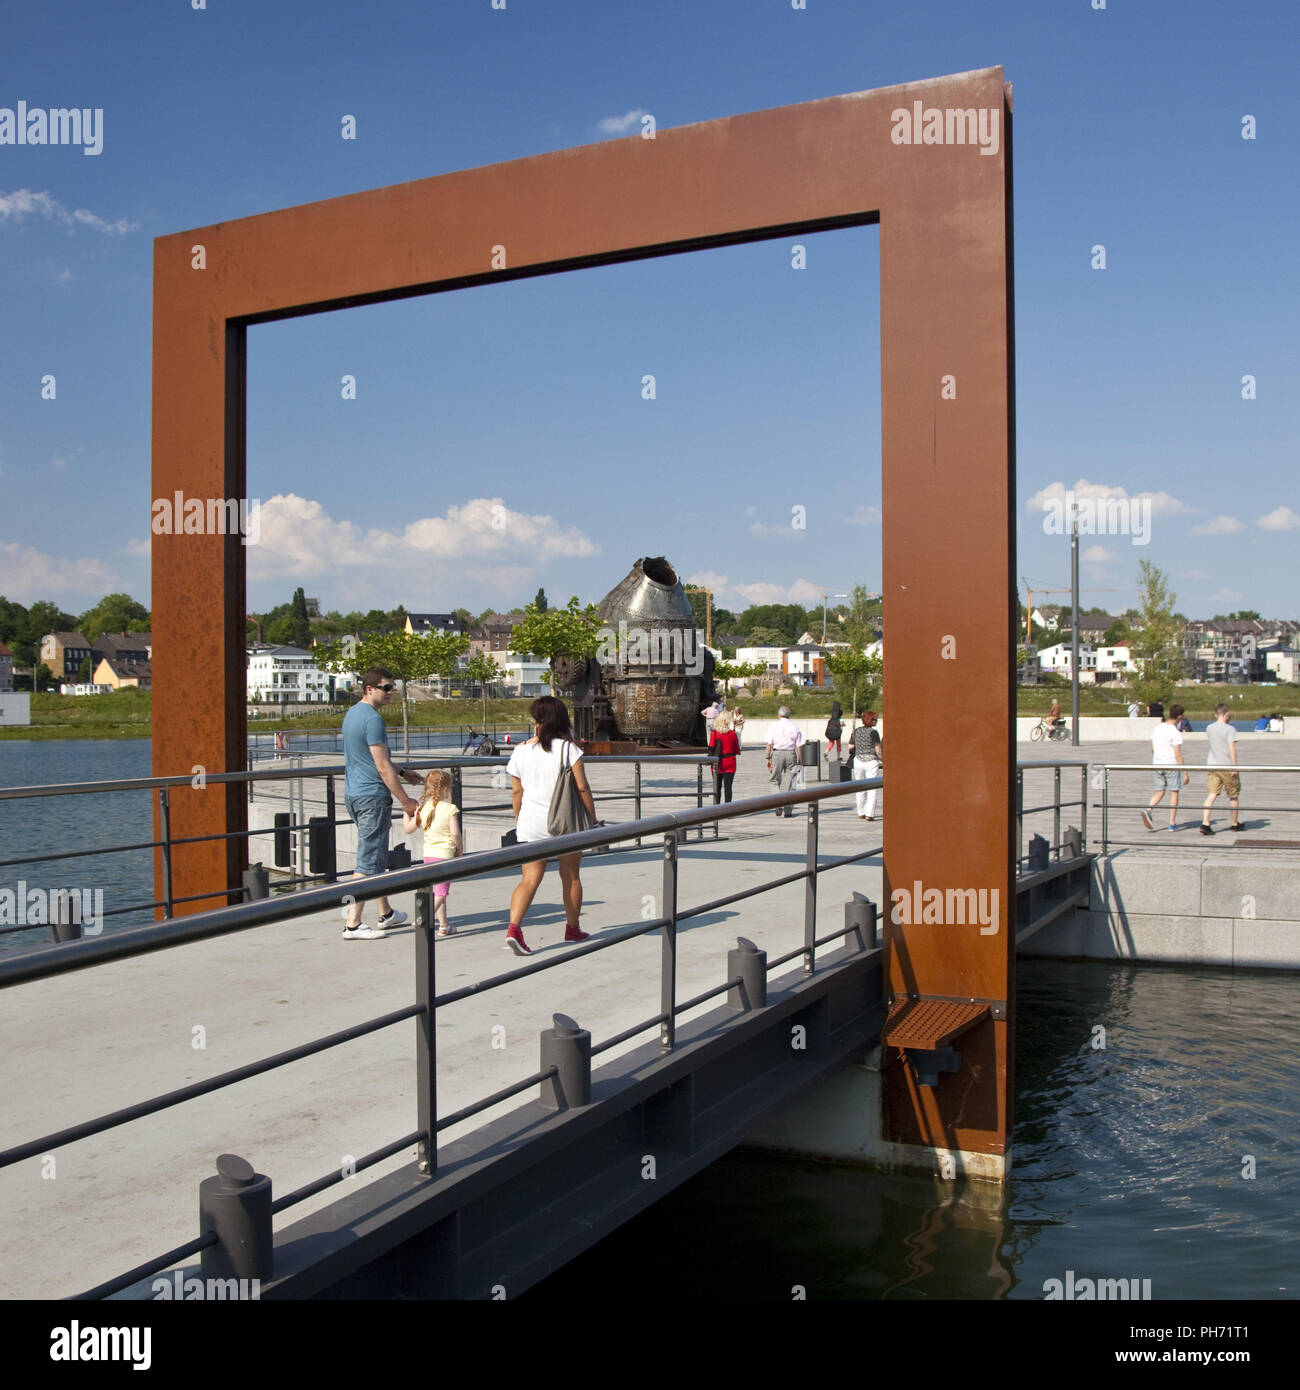 L'île de la culture, Phoenix Lake, Dortmund, Allemagne. Photo Stock